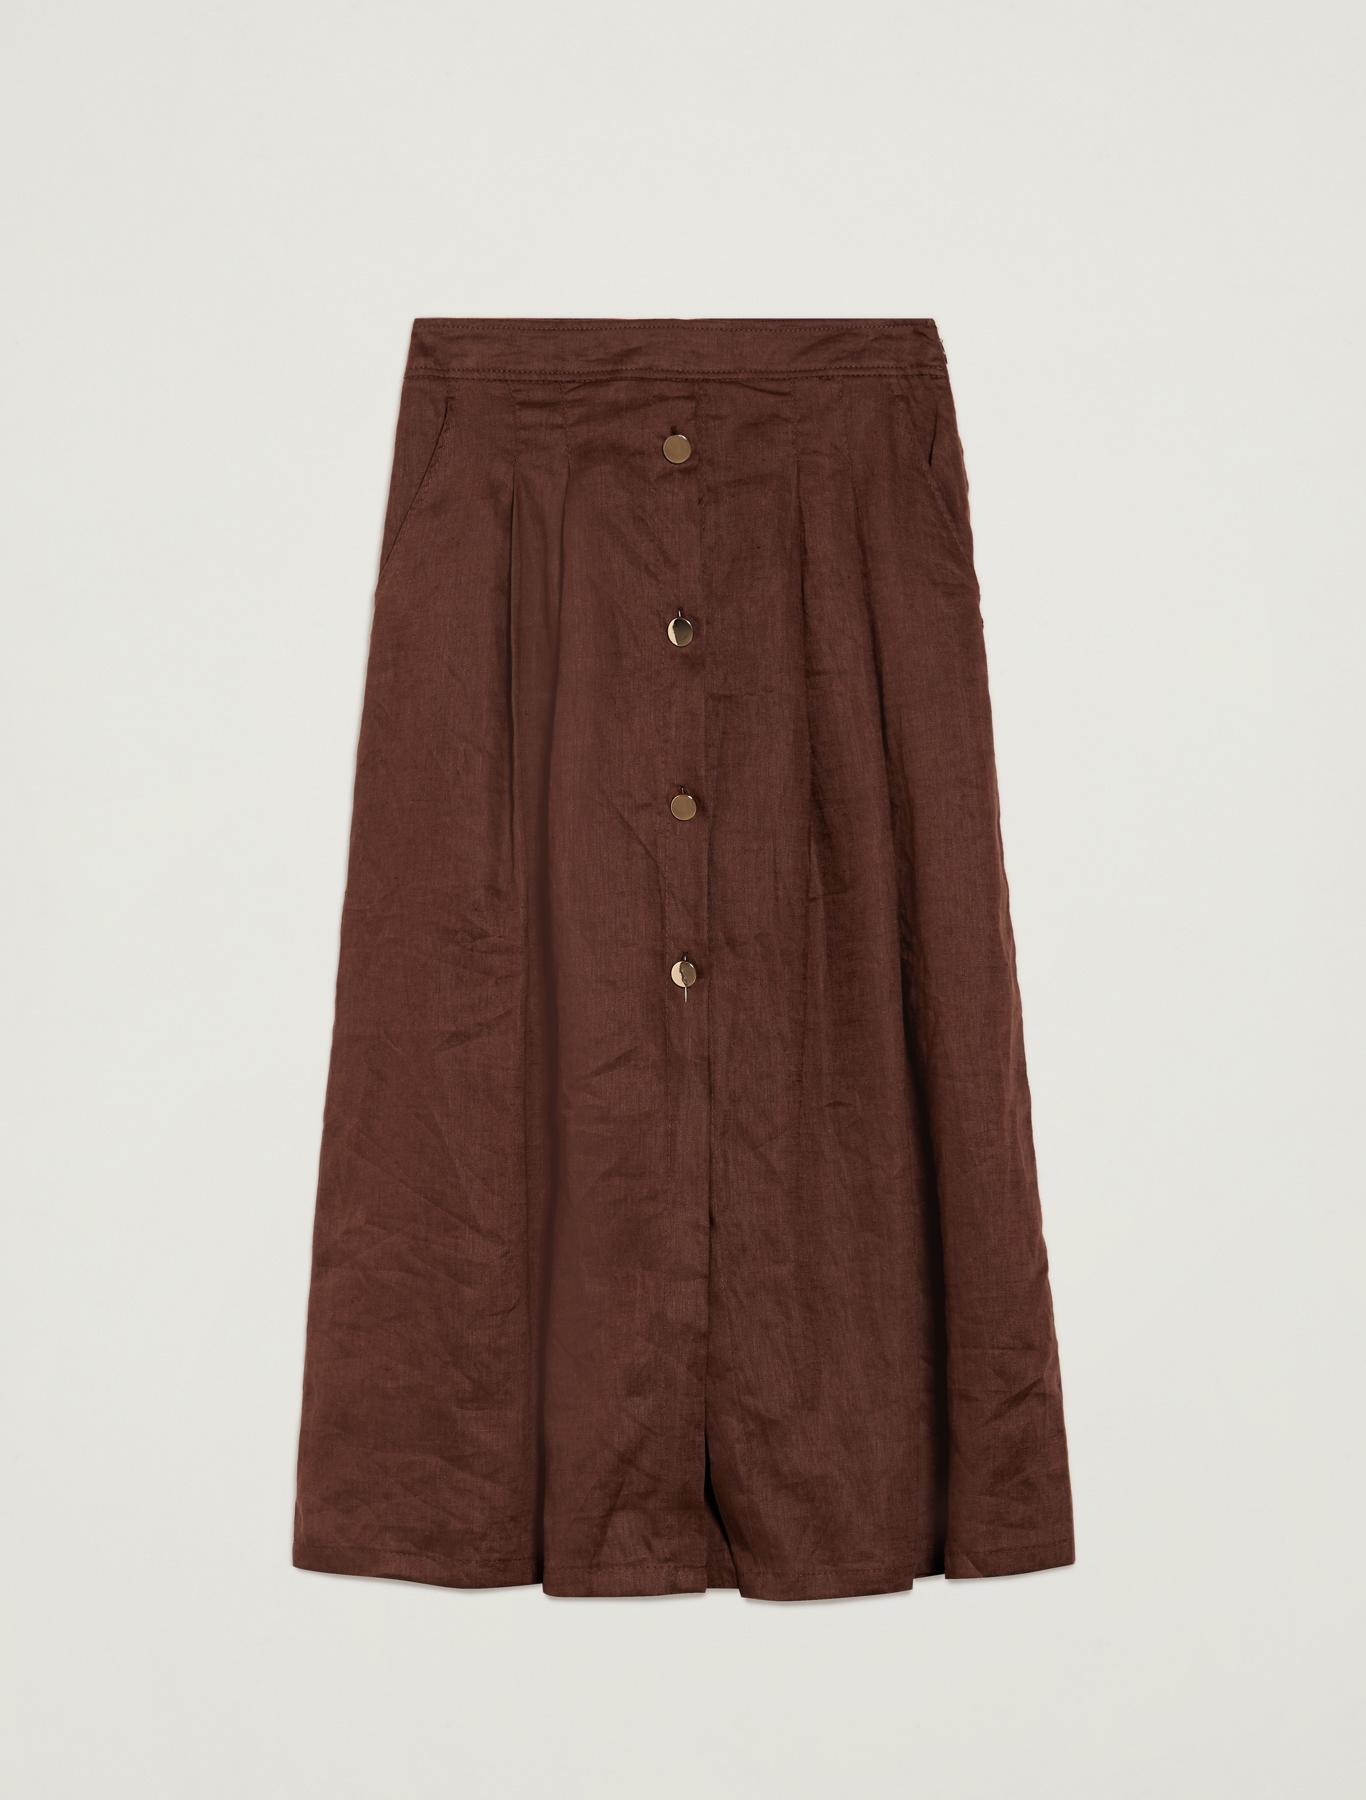 Pure linen culottes - brown - pennyblack